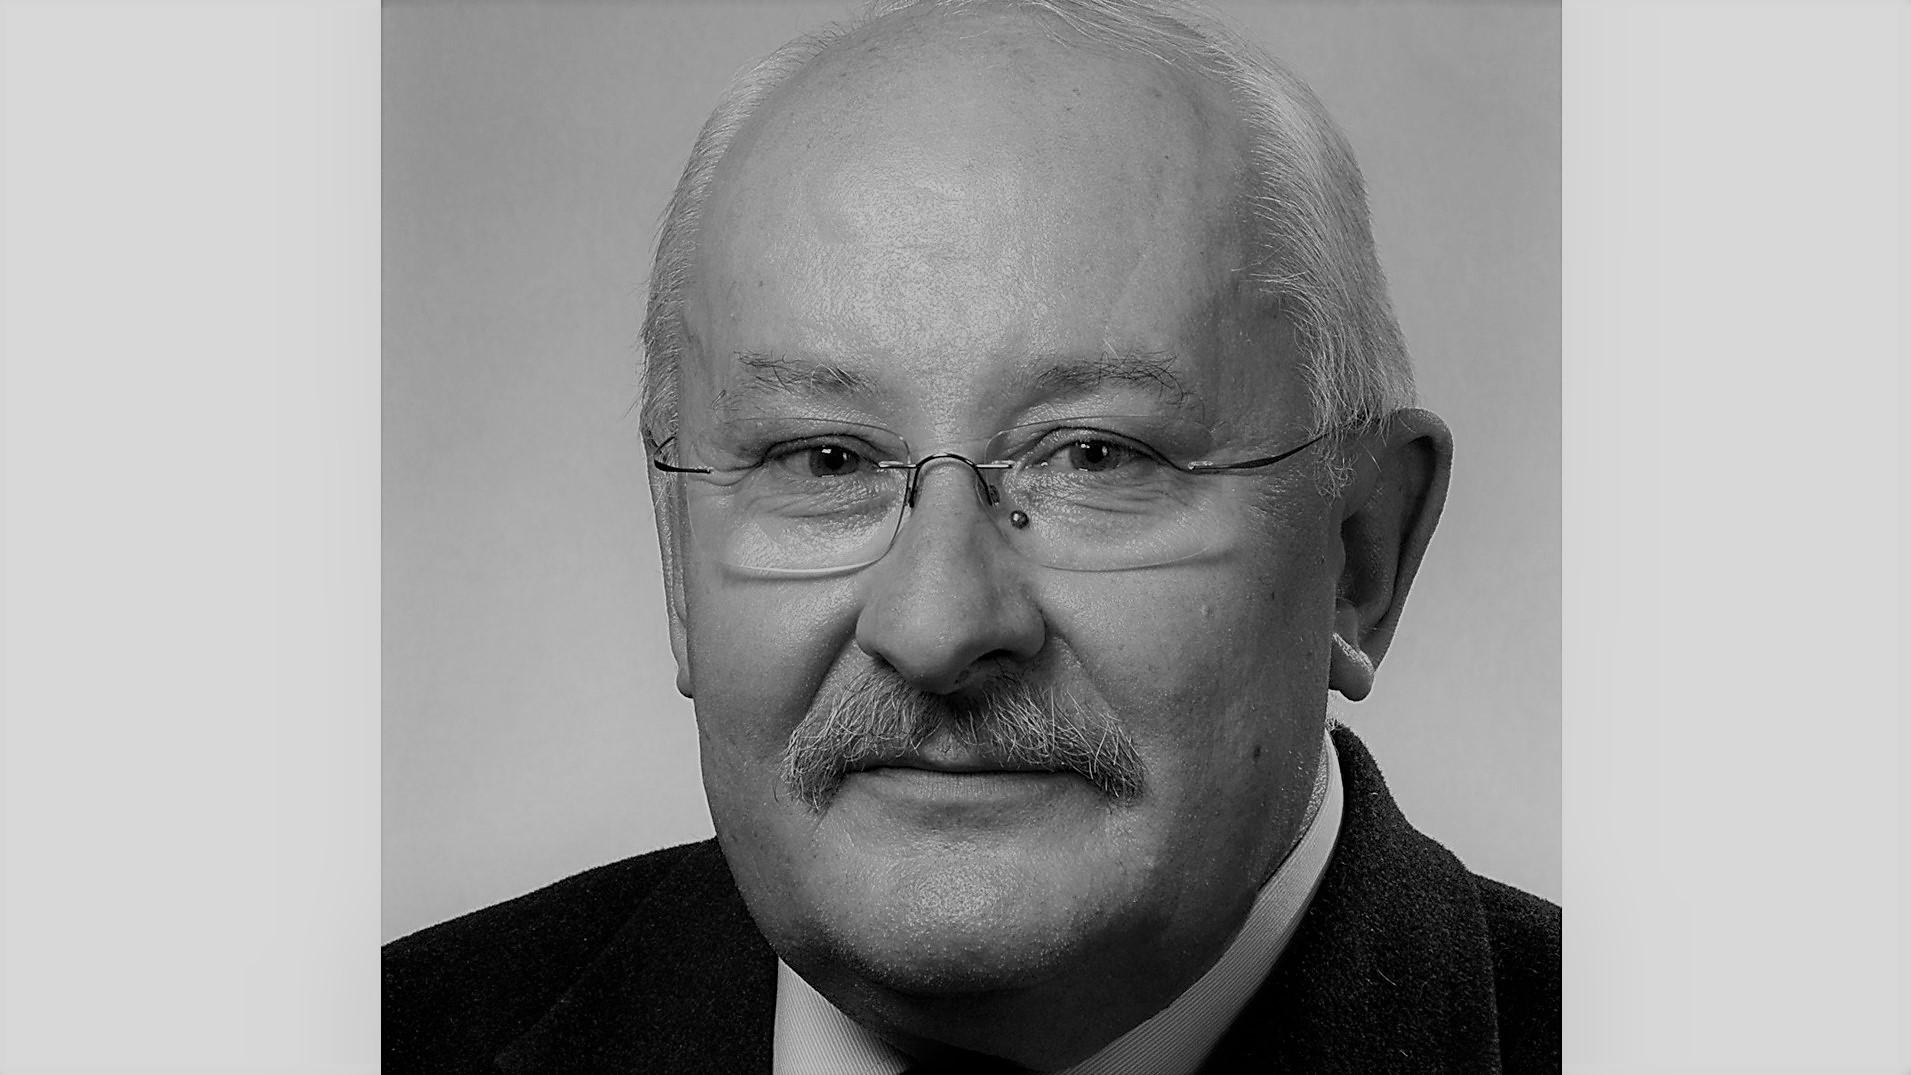 prof. Maciej Serwański - Wikipedia/Piotr Namiota